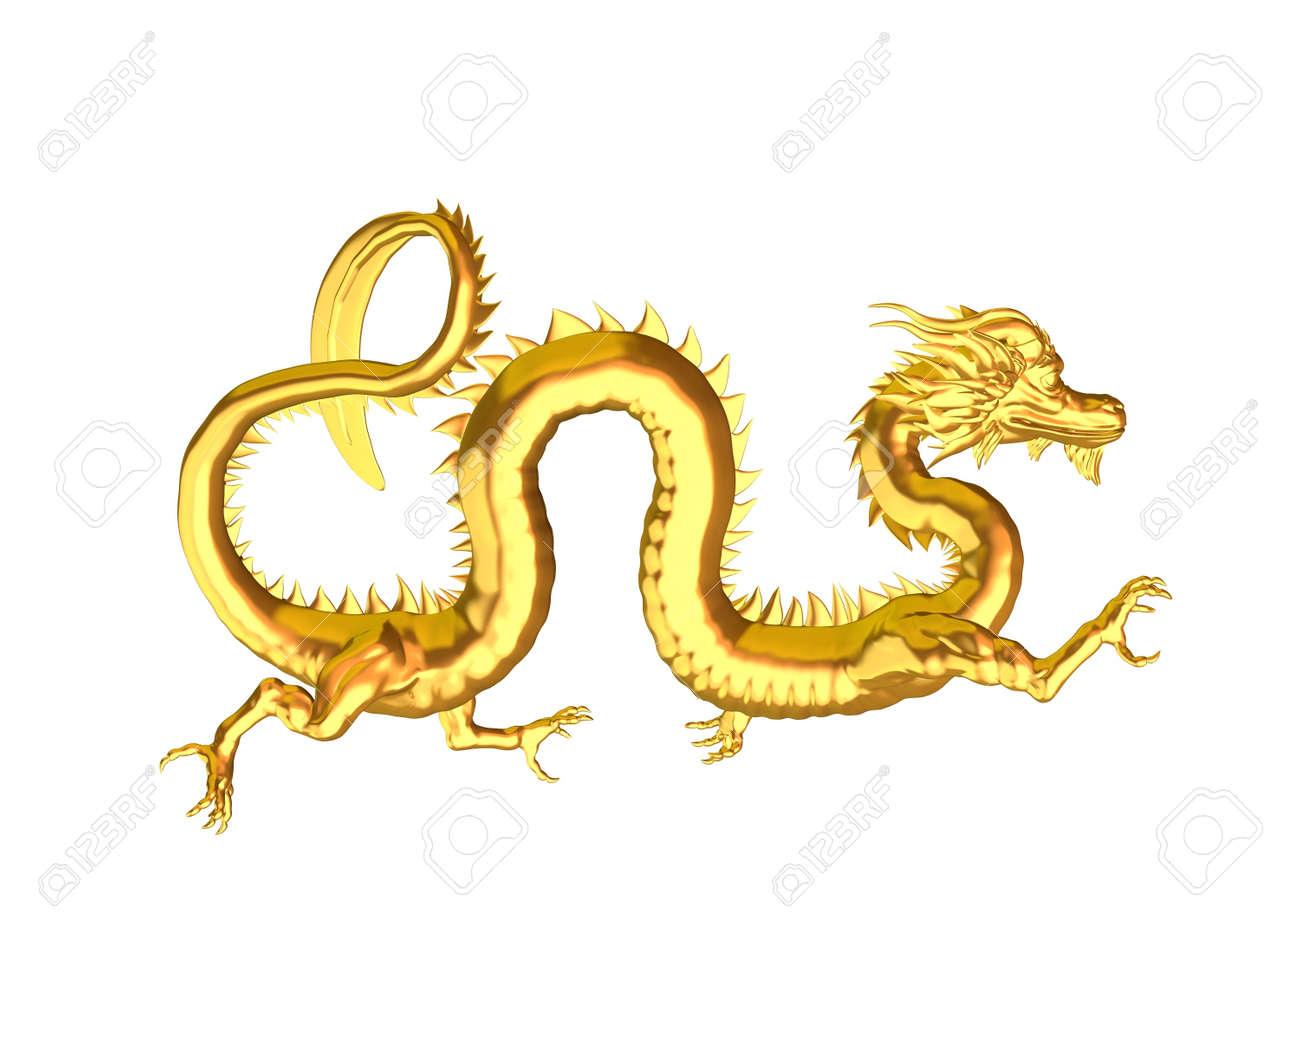 Ilustración De Una Estatua China De Oro Del Dragón Símbolo De La